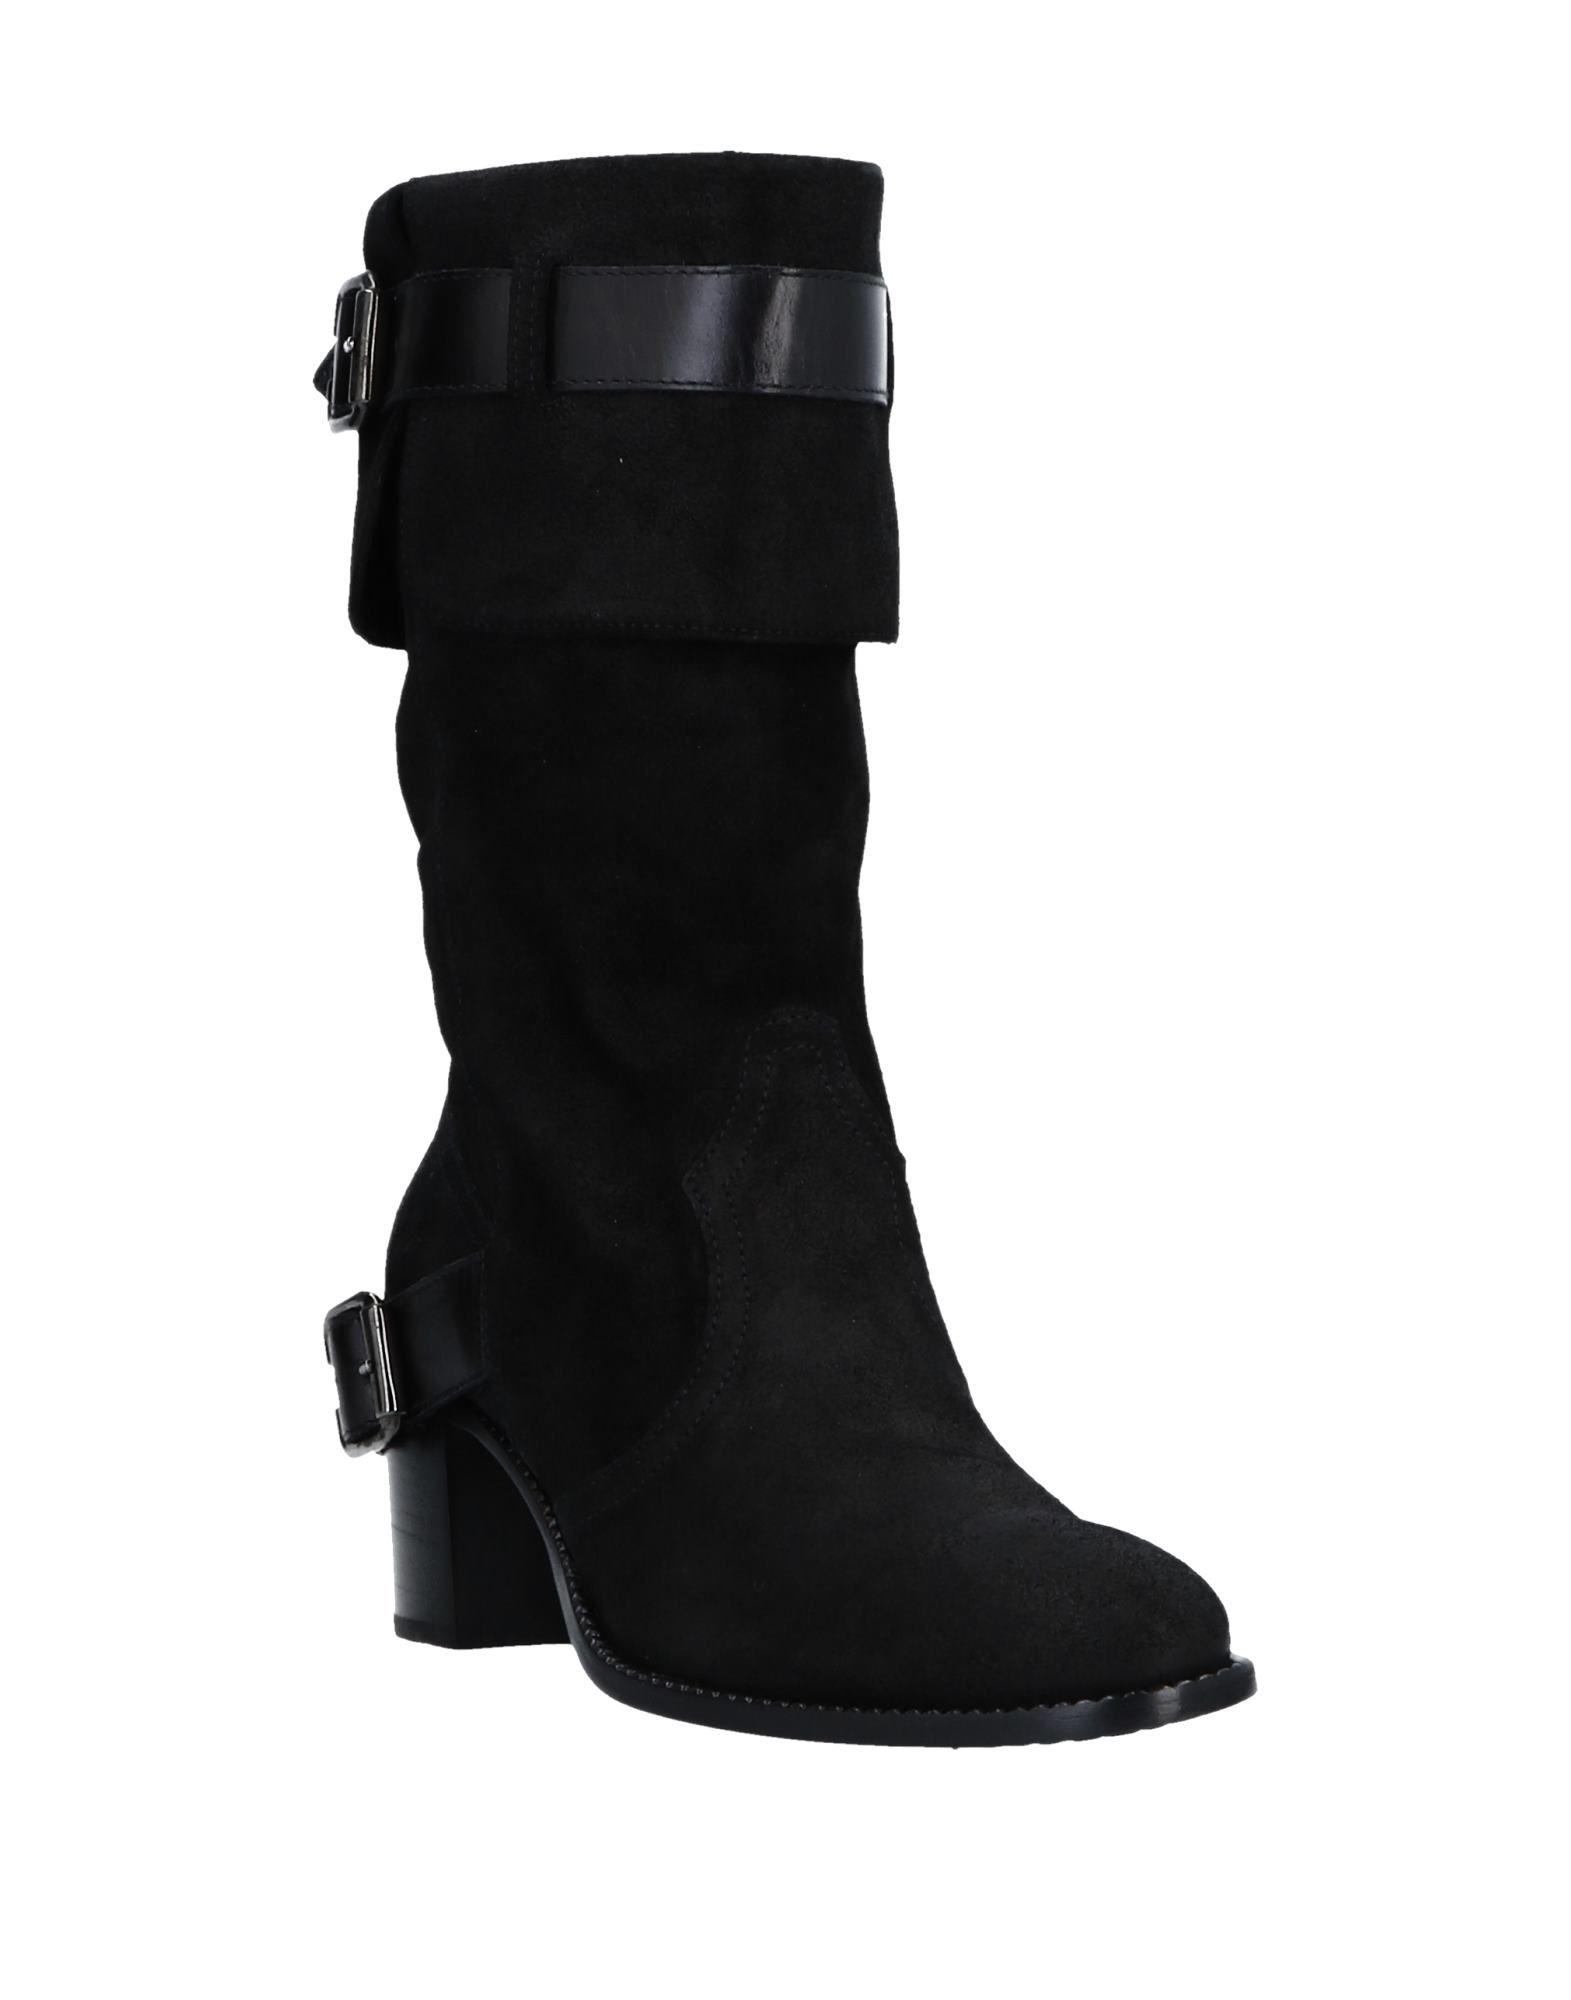 Gut um billige Schuhe Damen zu tragenNero Giardini Stiefelette Damen Schuhe  11540741VU bd2a70